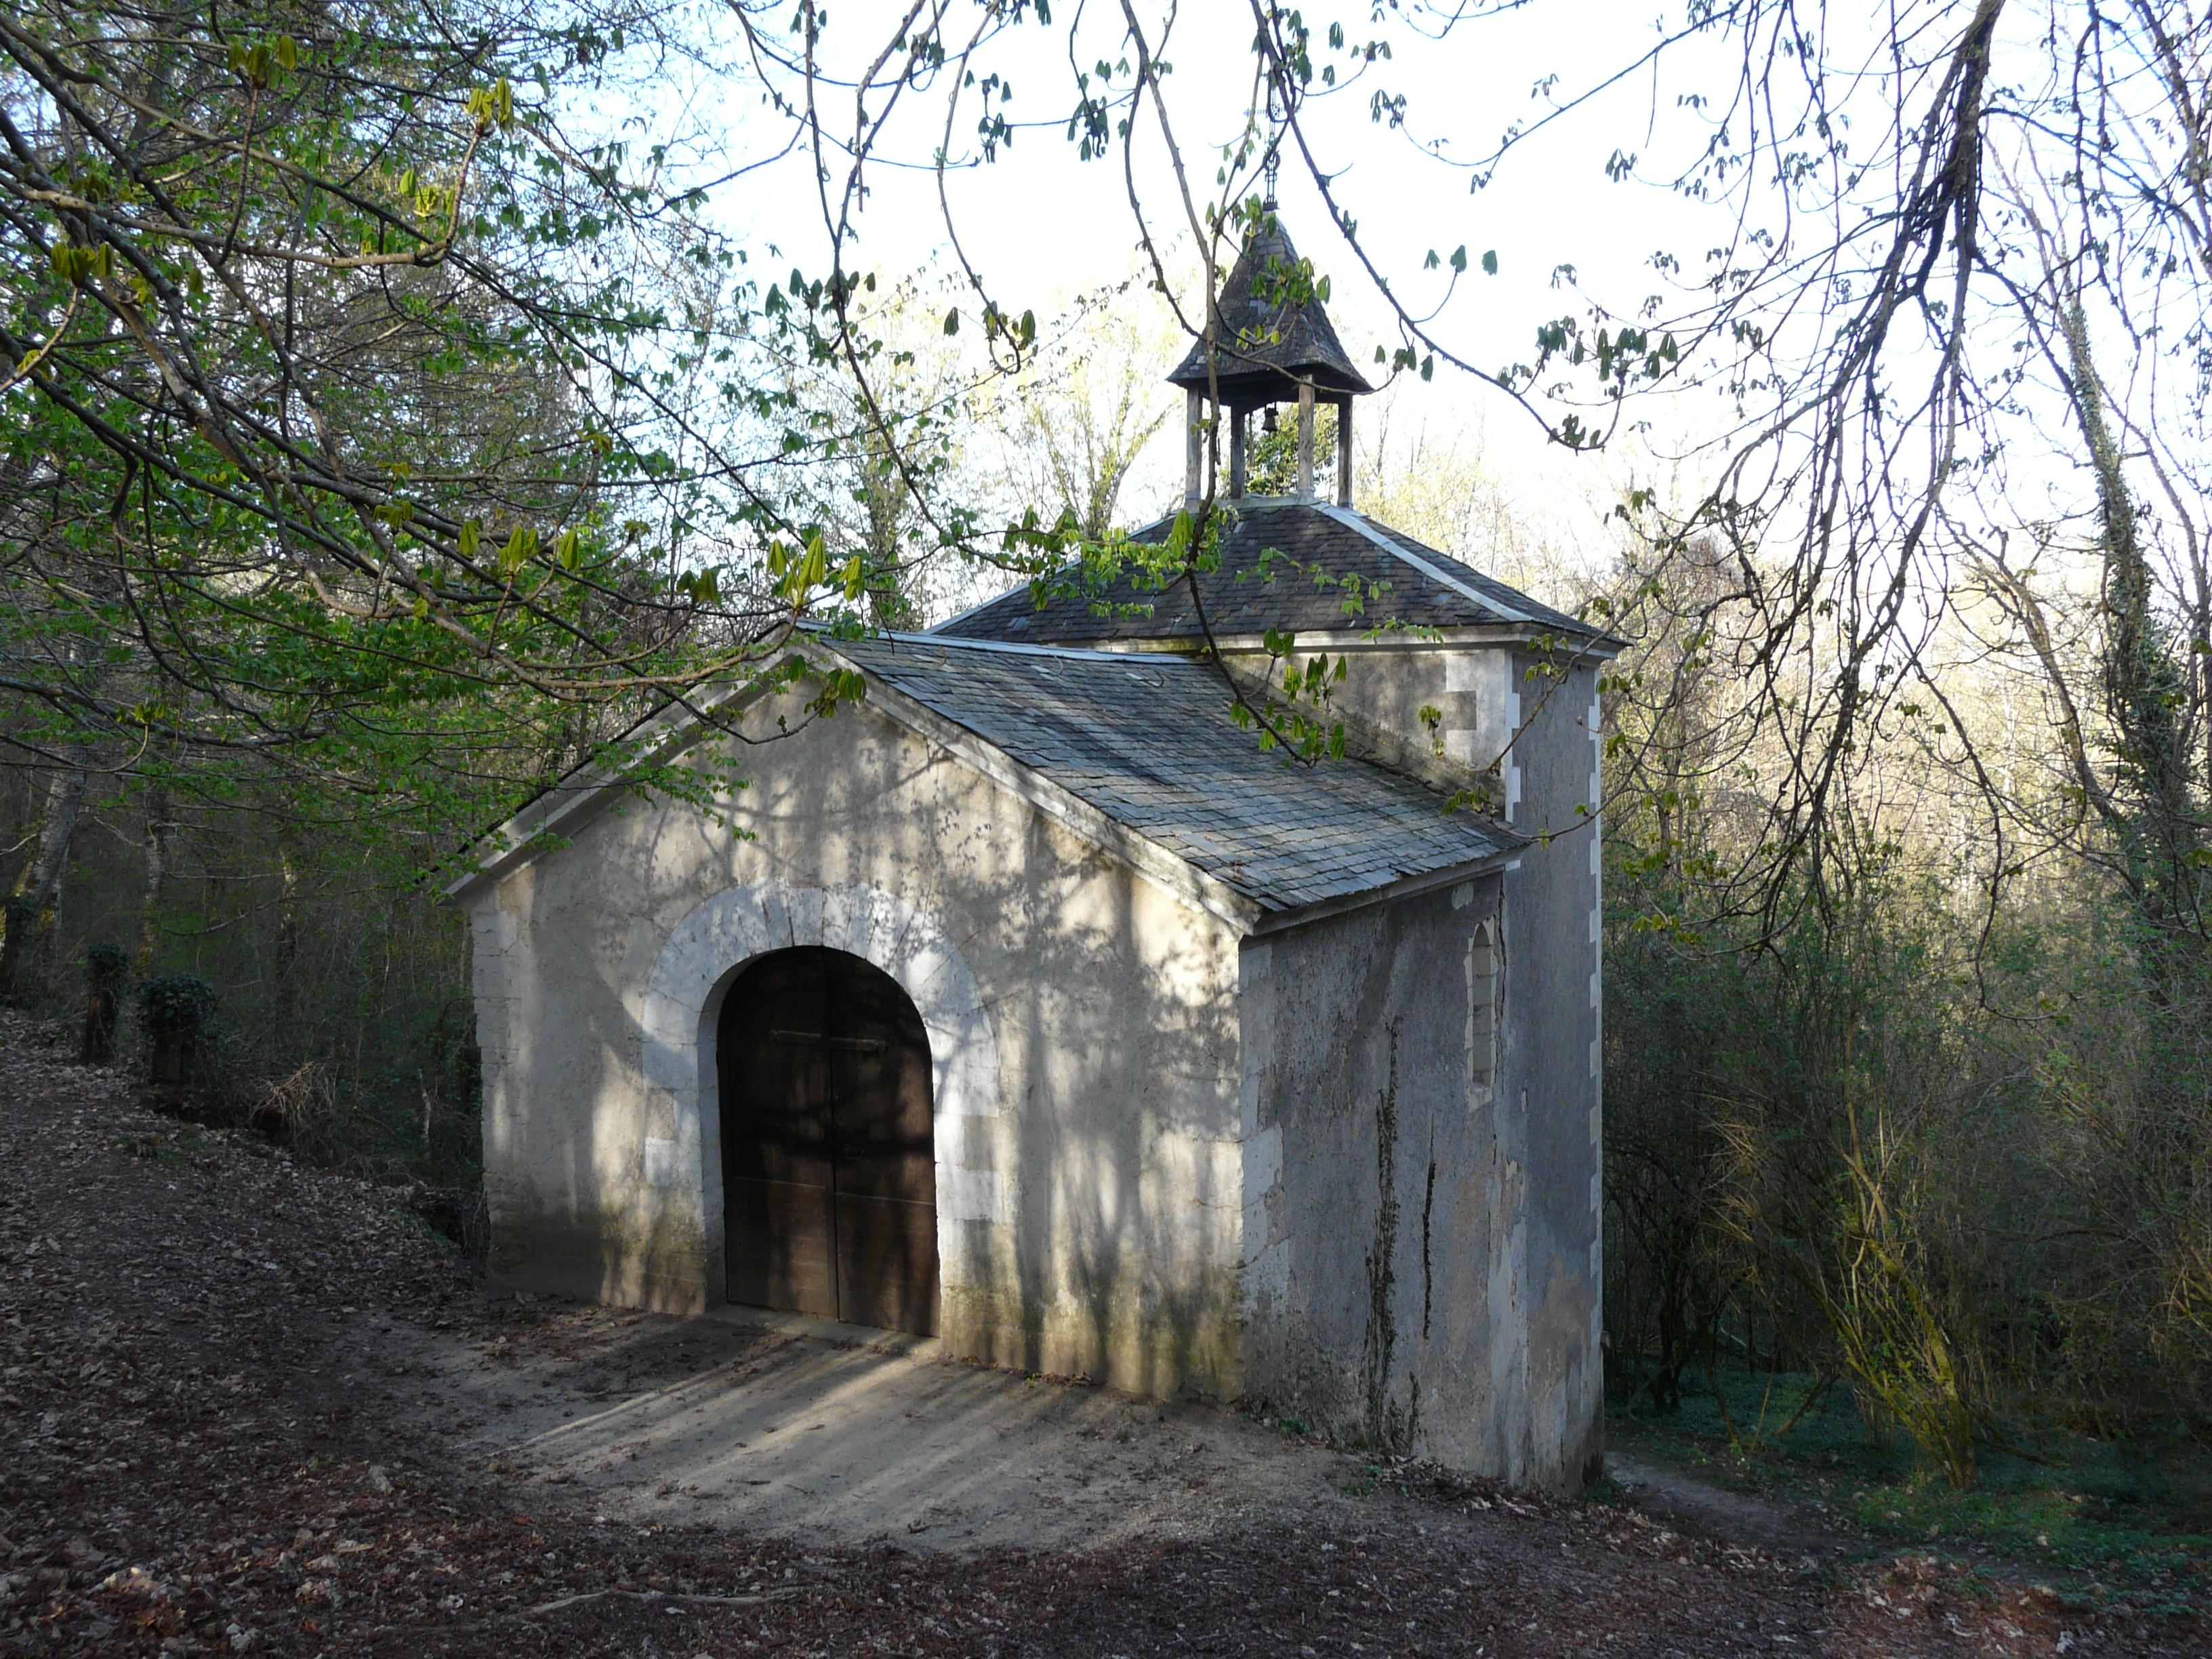 Hotel Chapelle Des Bois - File Saint Astier (Dordogne) chapelle des bois (3) JPG